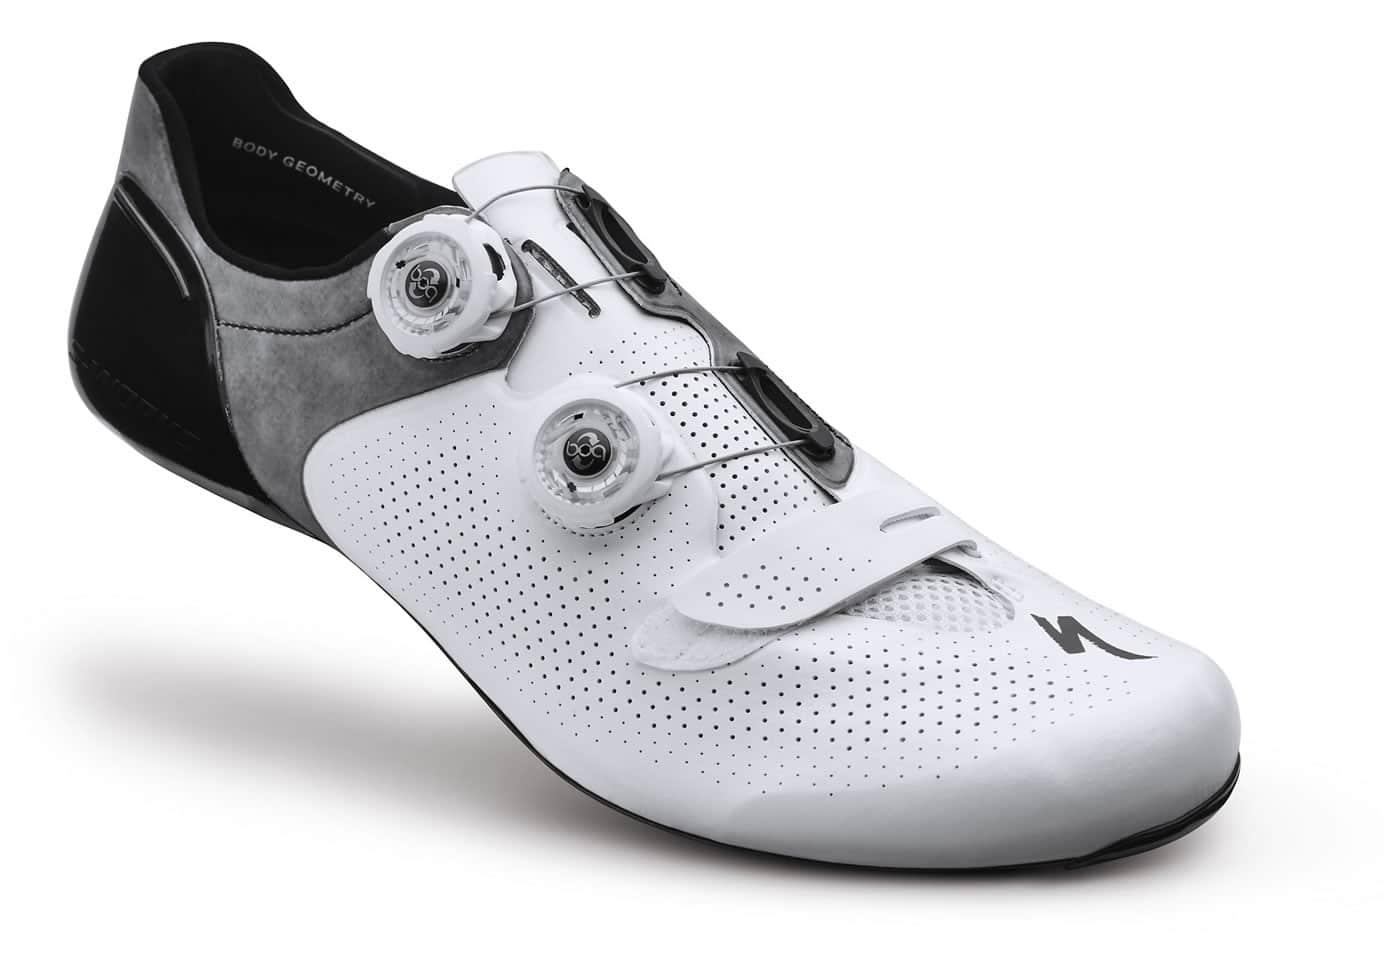 Zapatillas S-Works 6 2017, Probablemente la mejor zapatilla de ciclismo, y al mejor precio